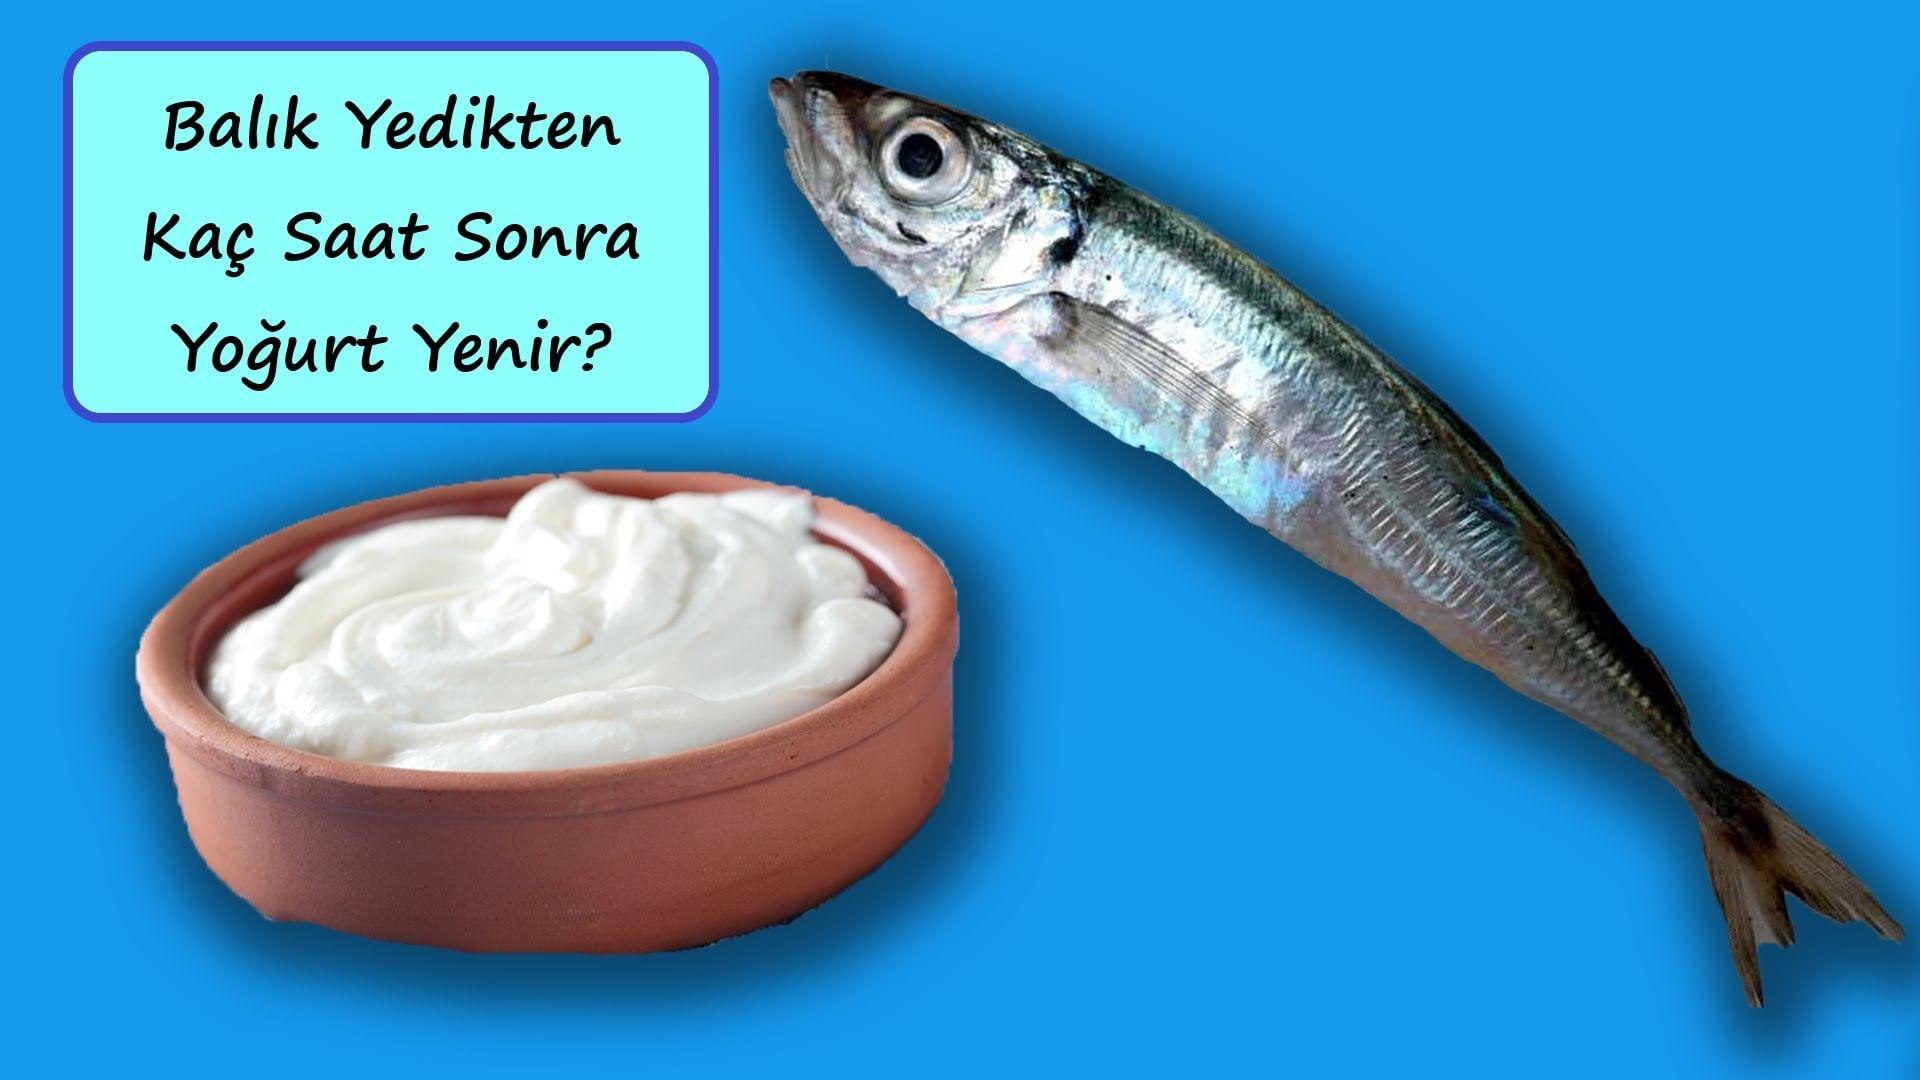 balık yedikten kaç saat sonra yoğurt yenir